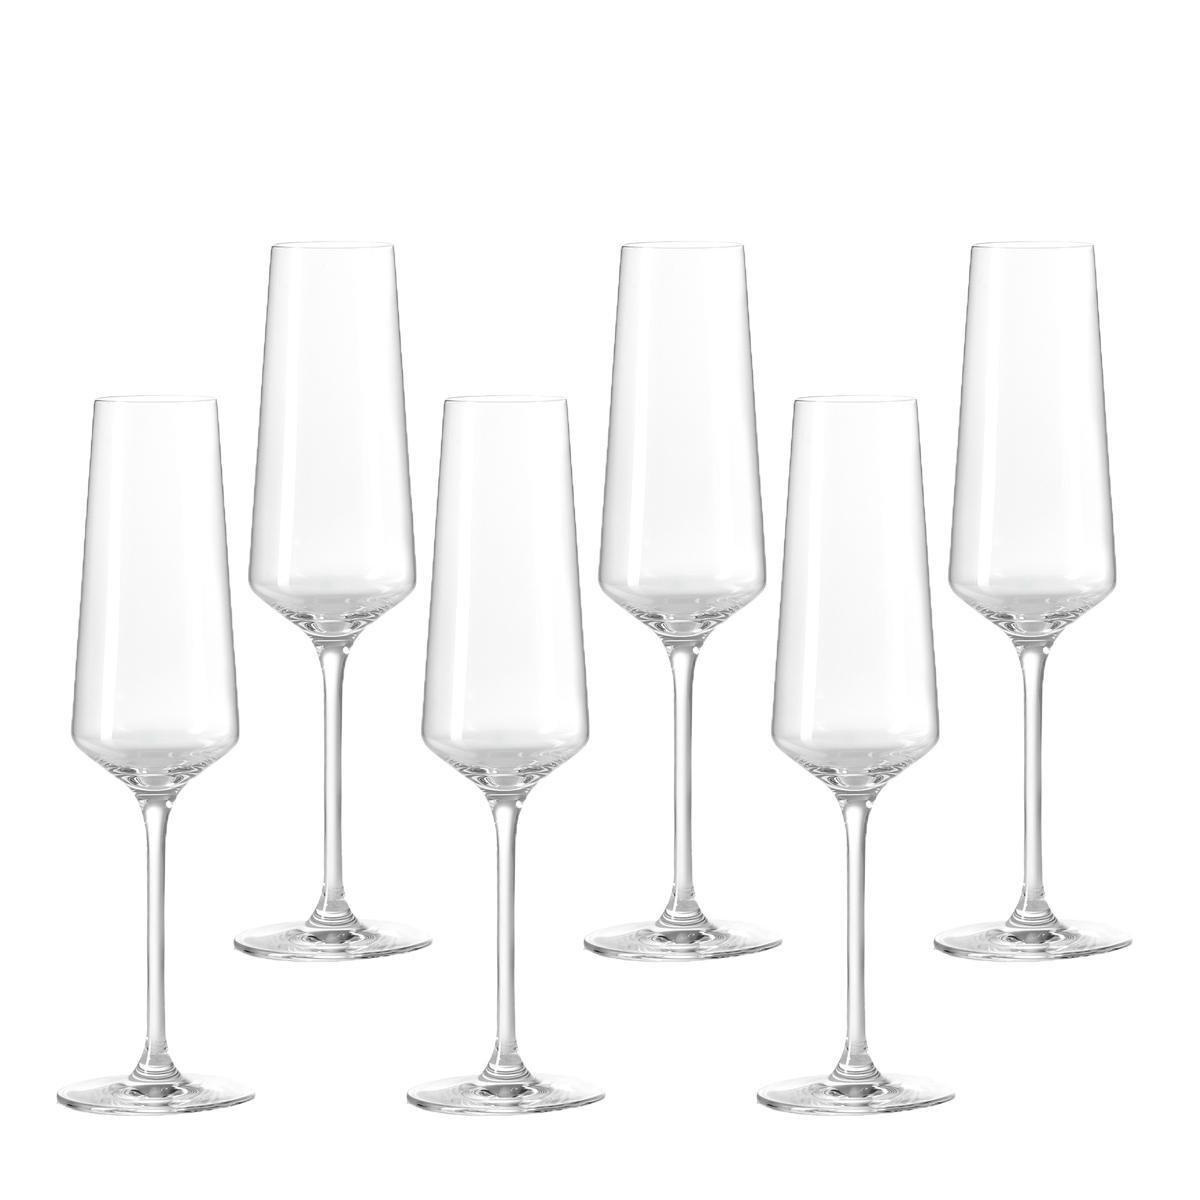 Leonardo Puccini Champagneglas - 280 ml - 6 stuks